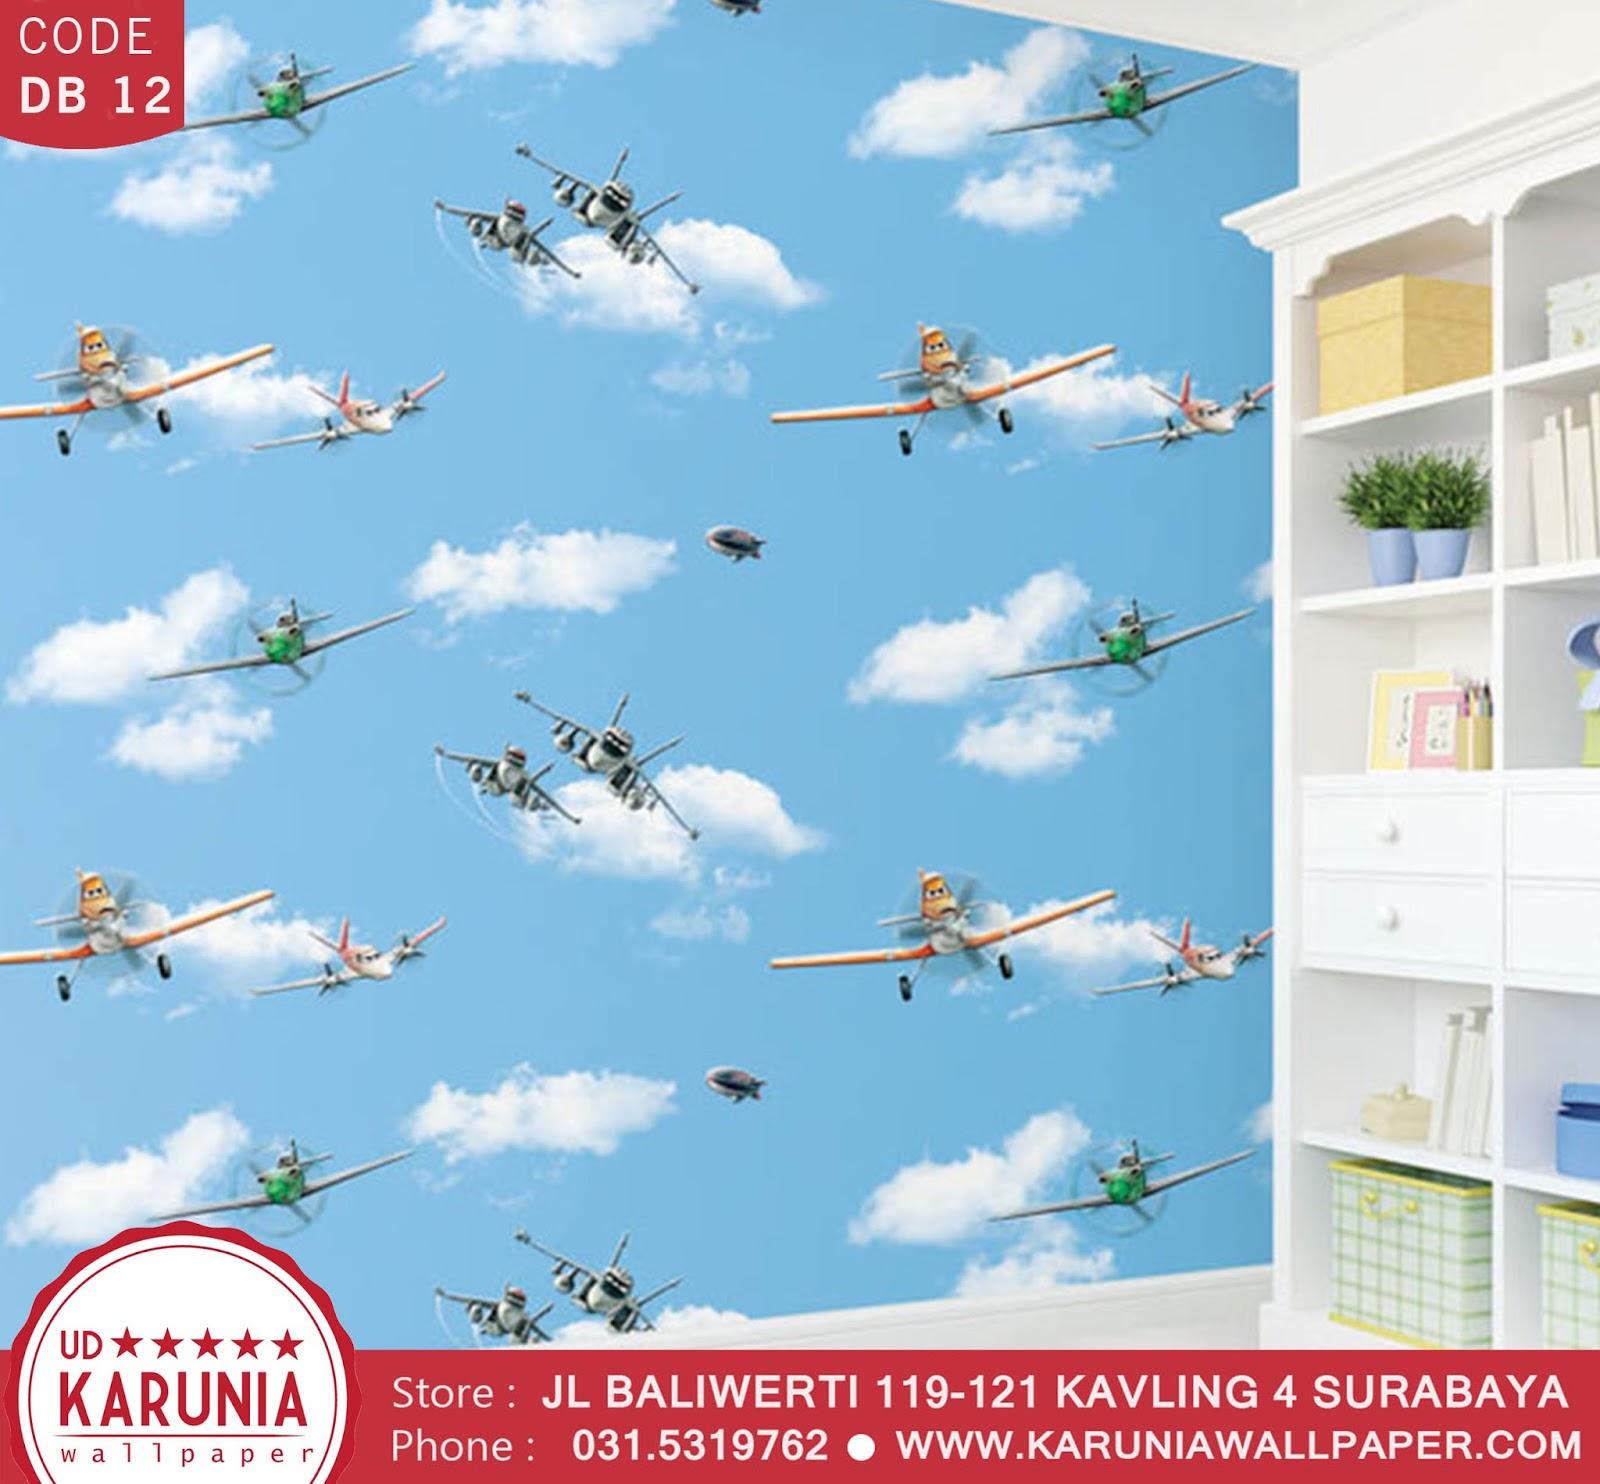 jual wallpaper karuniawallpaper disney